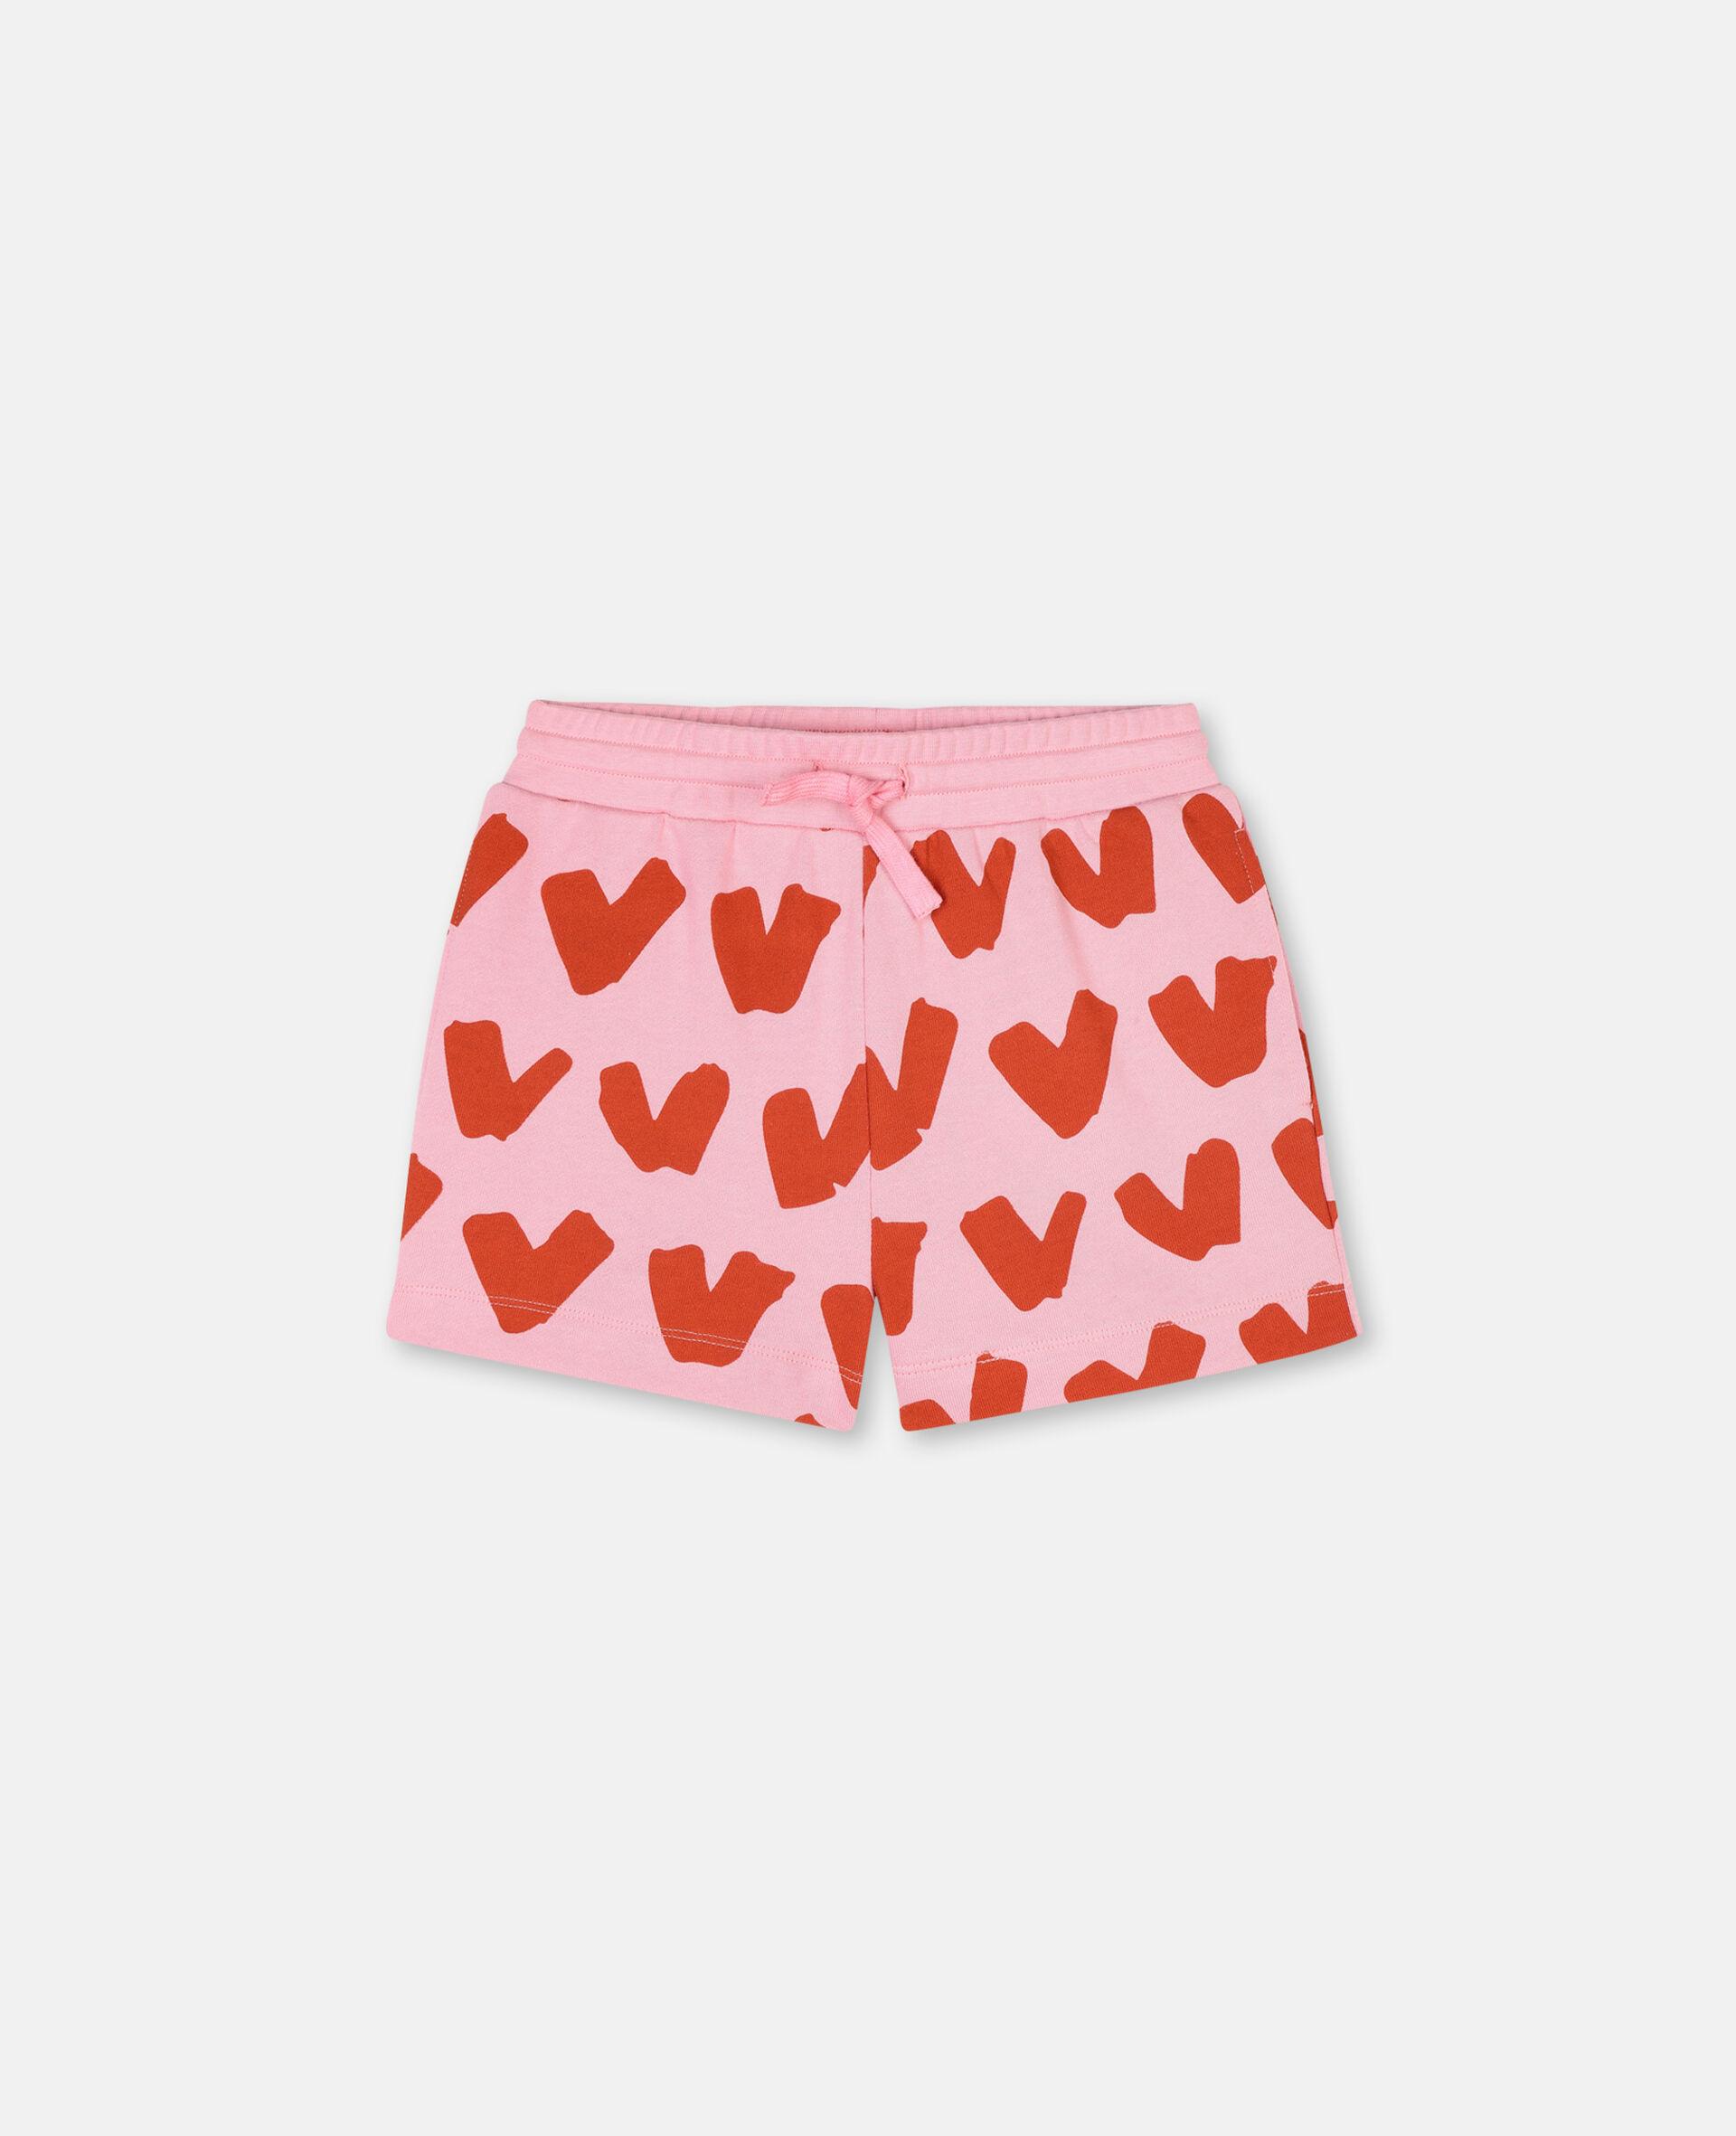 Baumwollfleece-Shorts mit Herzen-Rose-large image number 0